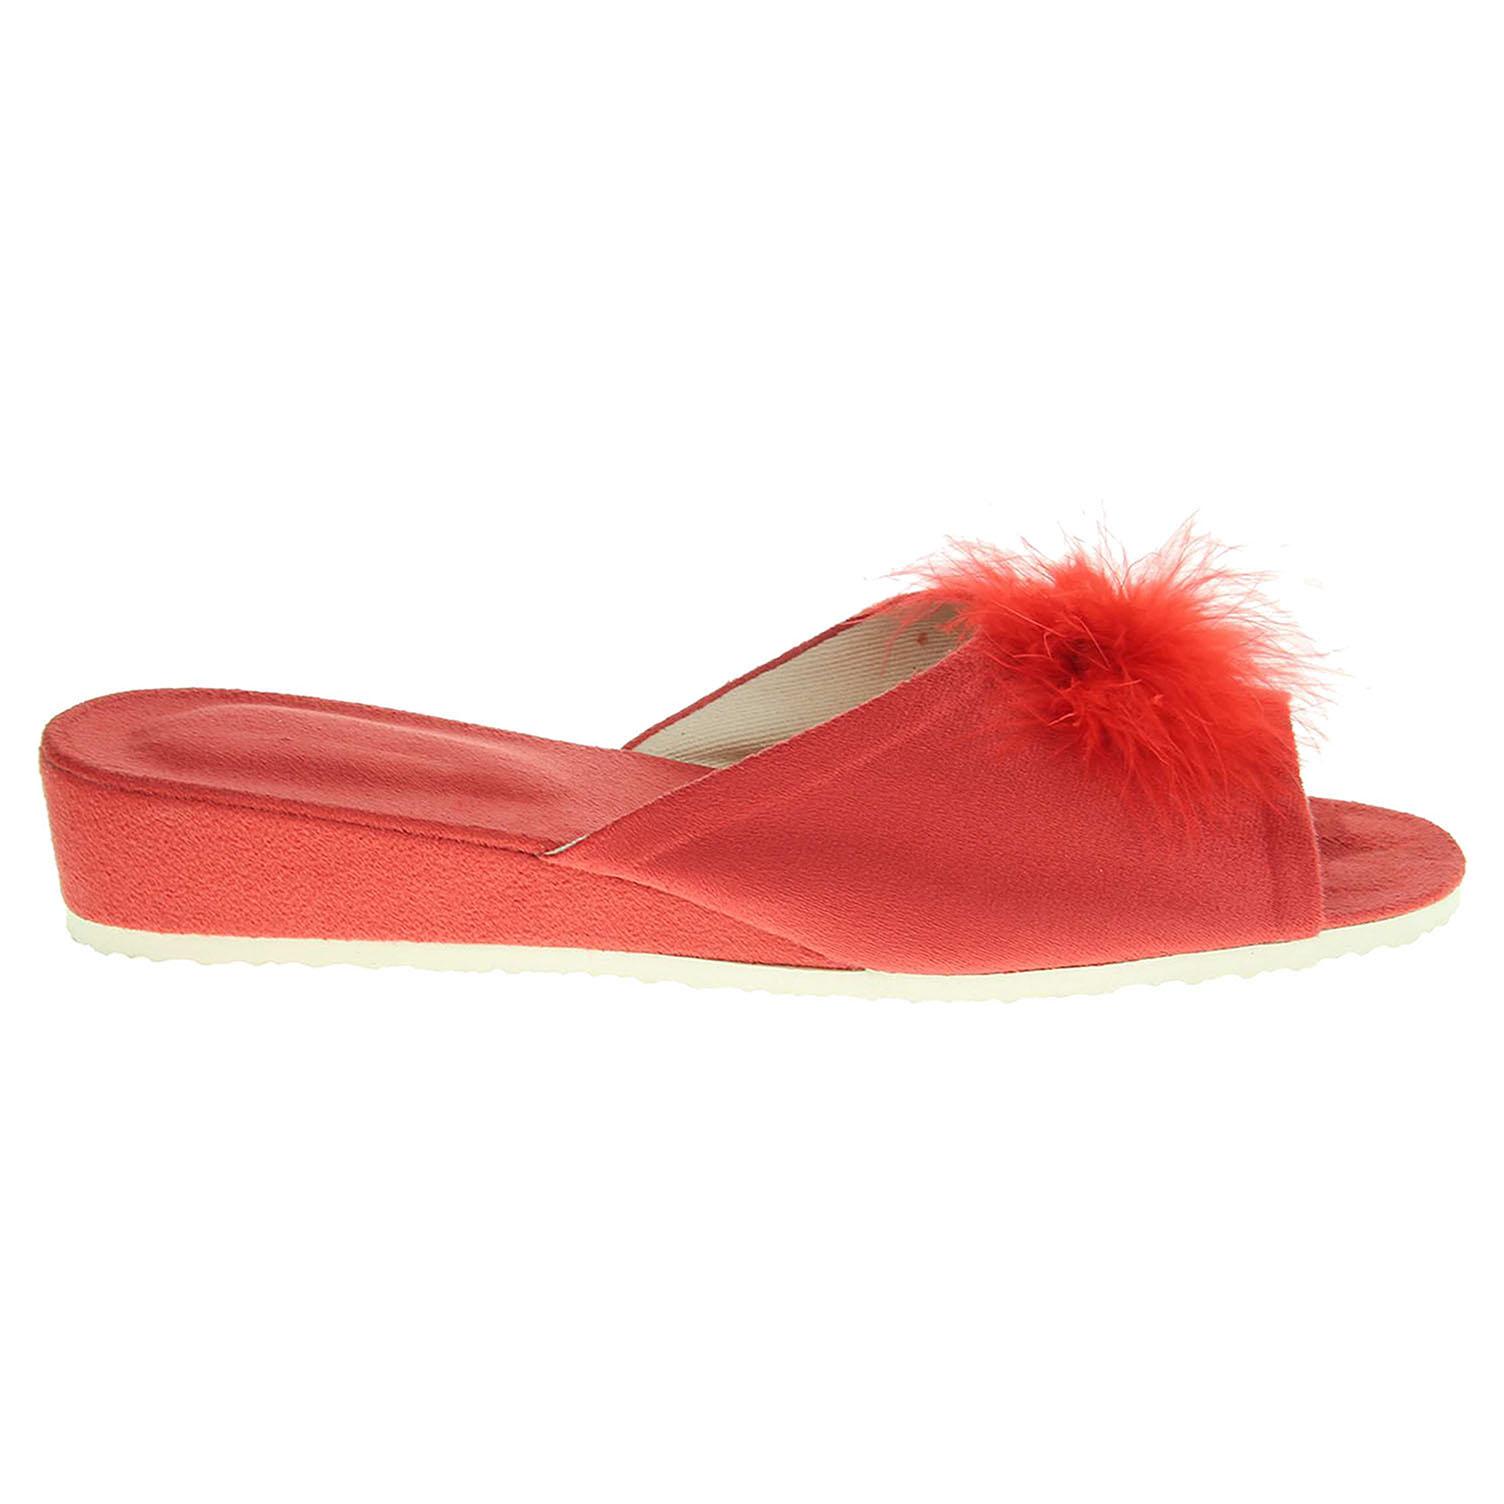 Ecco Domácí dámské pantofle 1031.00 červené 23500429